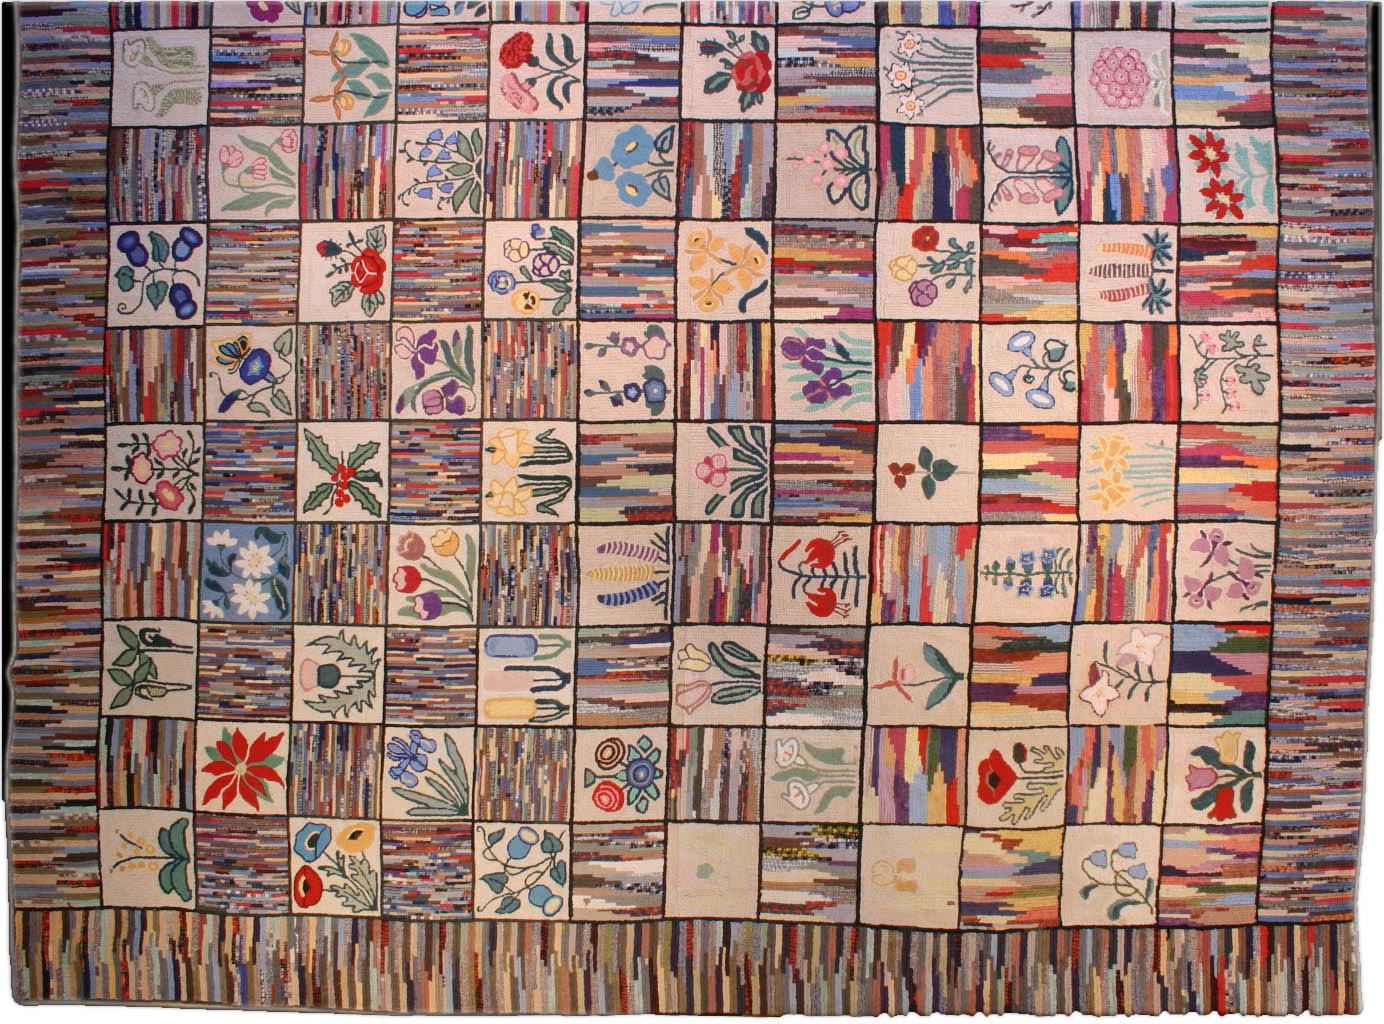 vintage-rug-european-american-hooked-rag-beige-geometric-botanical-bb3578-15x12